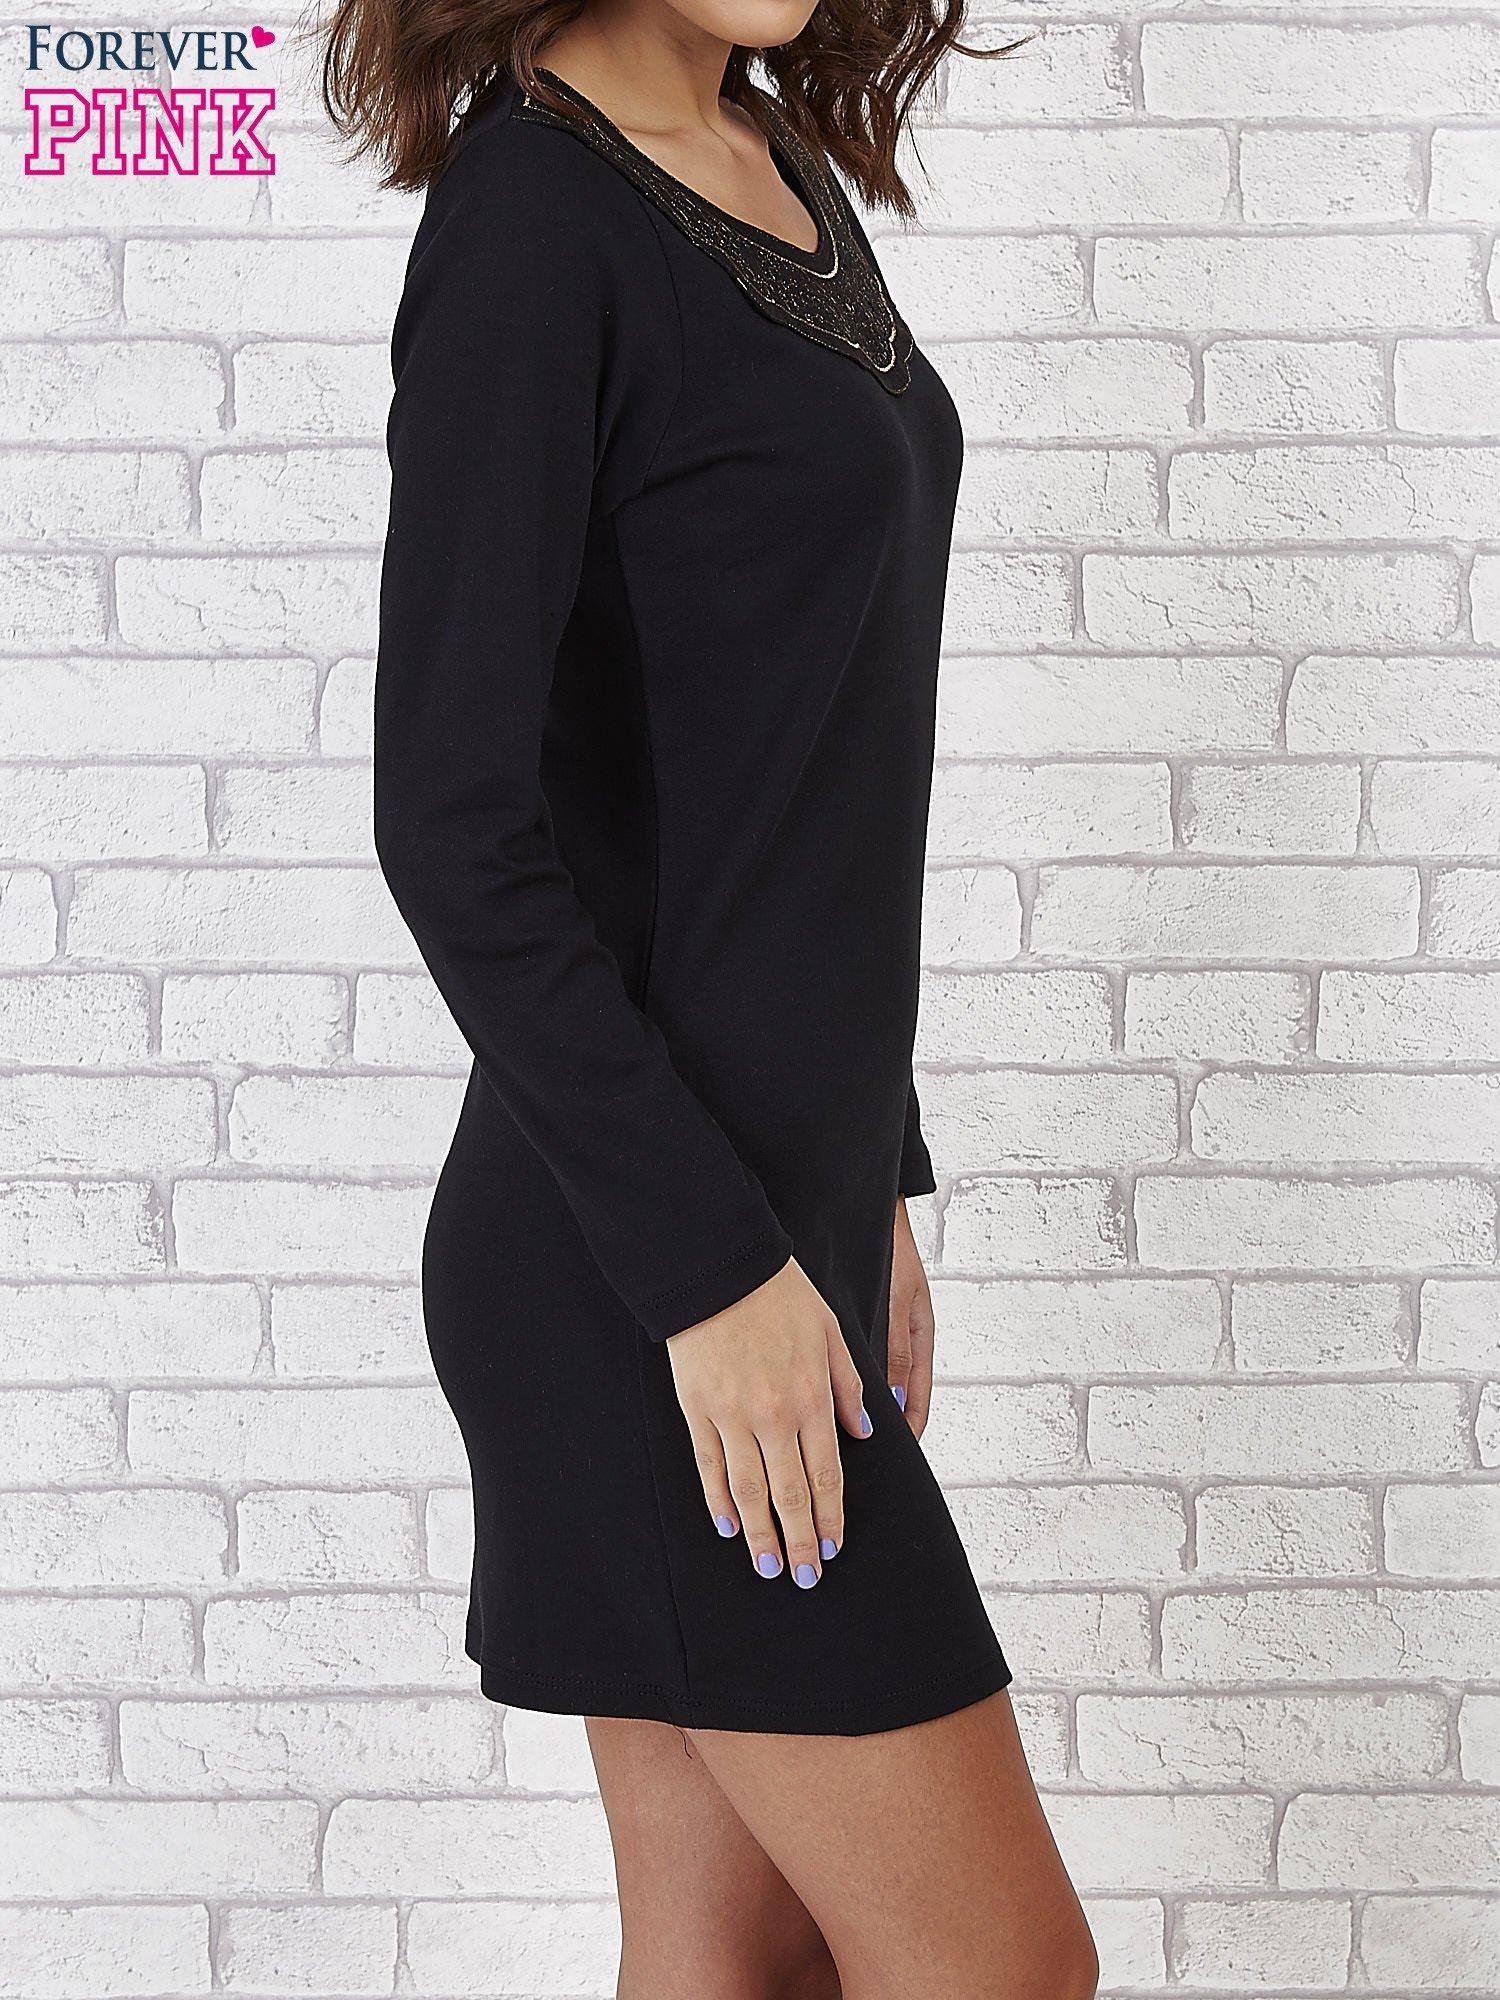 Czarna prosta sukienka z koronkowym dekoltem                                  zdj.                                  2